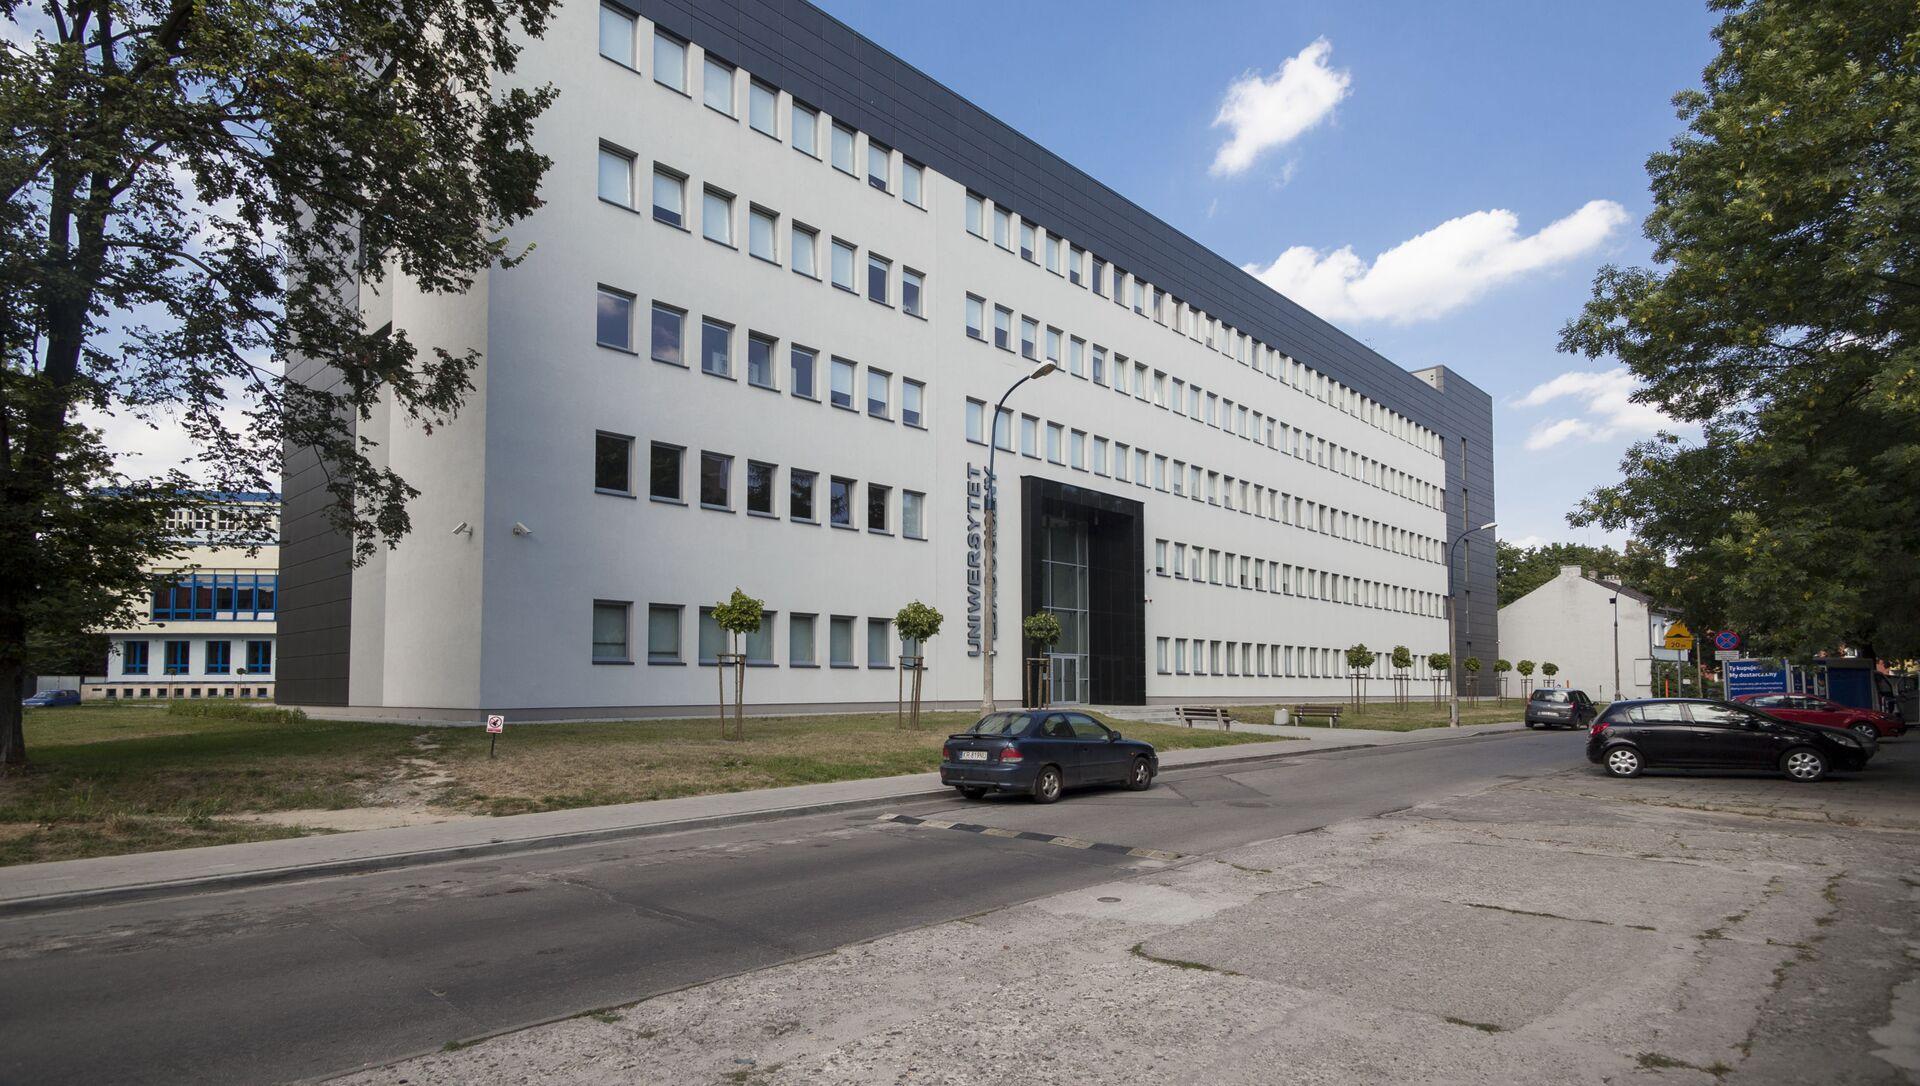 Nowy budynek Uniwersytetu Pedagogicznego w Krakowie - Sputnik Polska, 1920, 19.02.2021